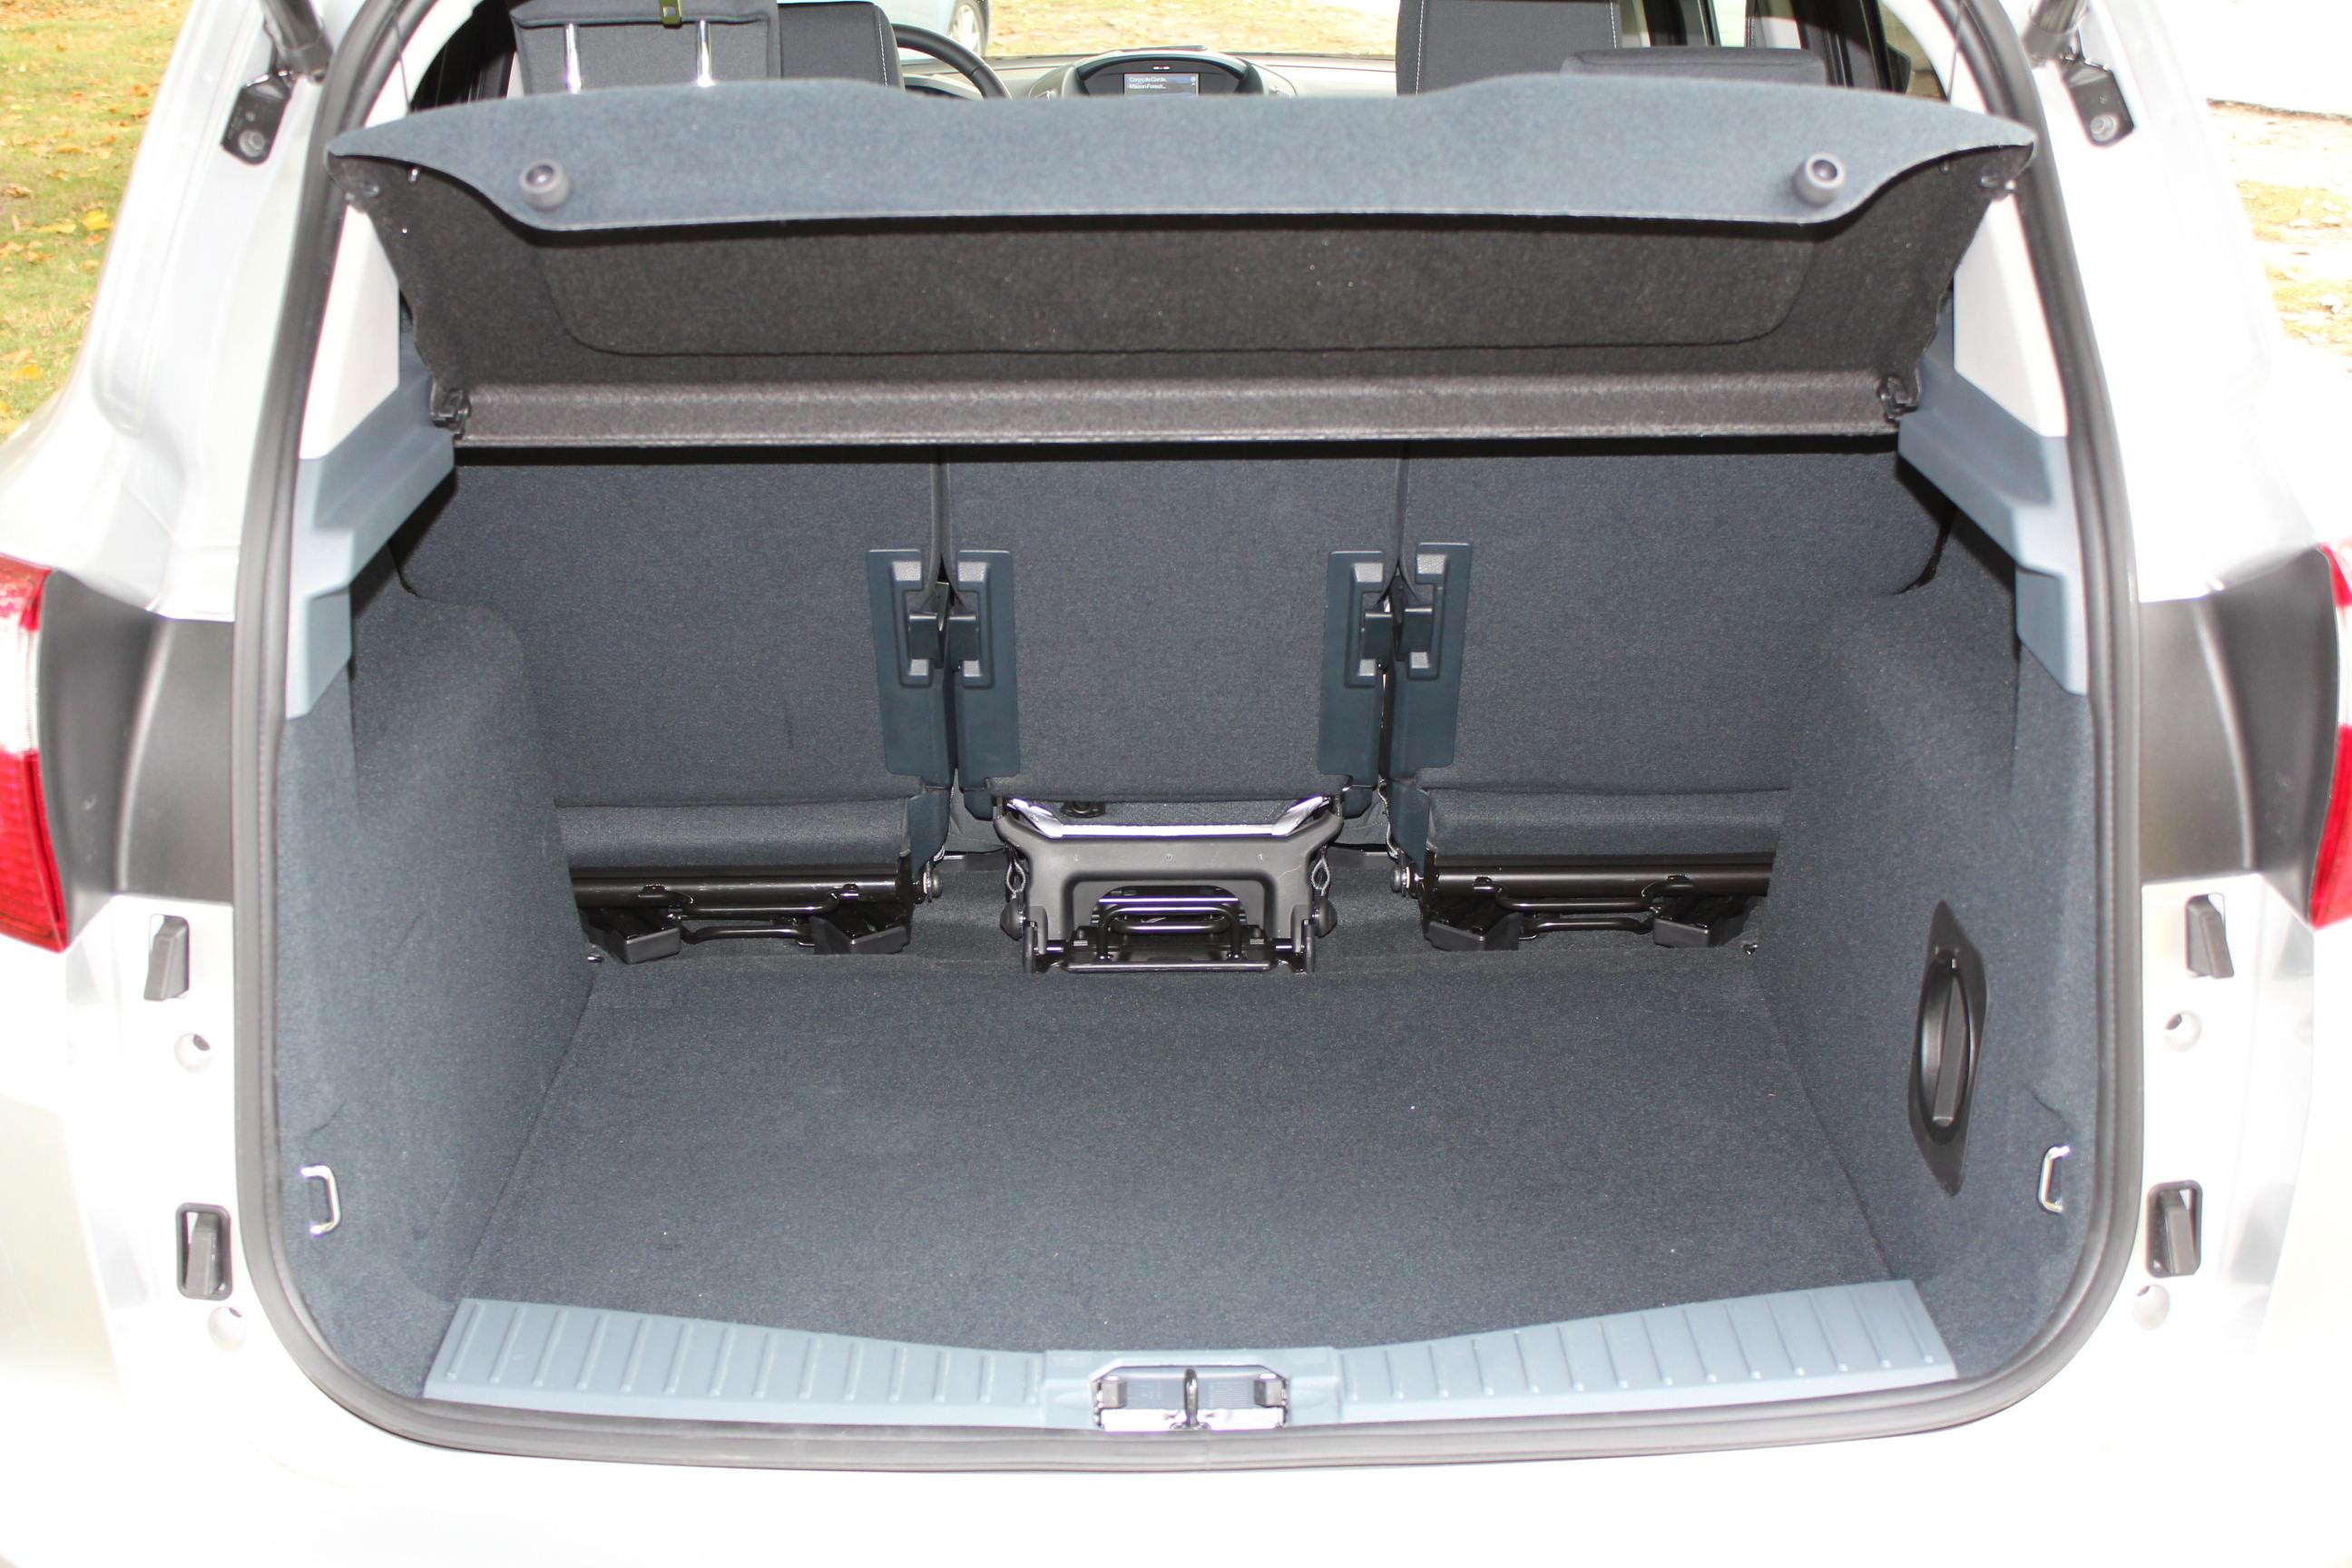 comparatif renault sc nic ford c max destination famille. Black Bedroom Furniture Sets. Home Design Ideas